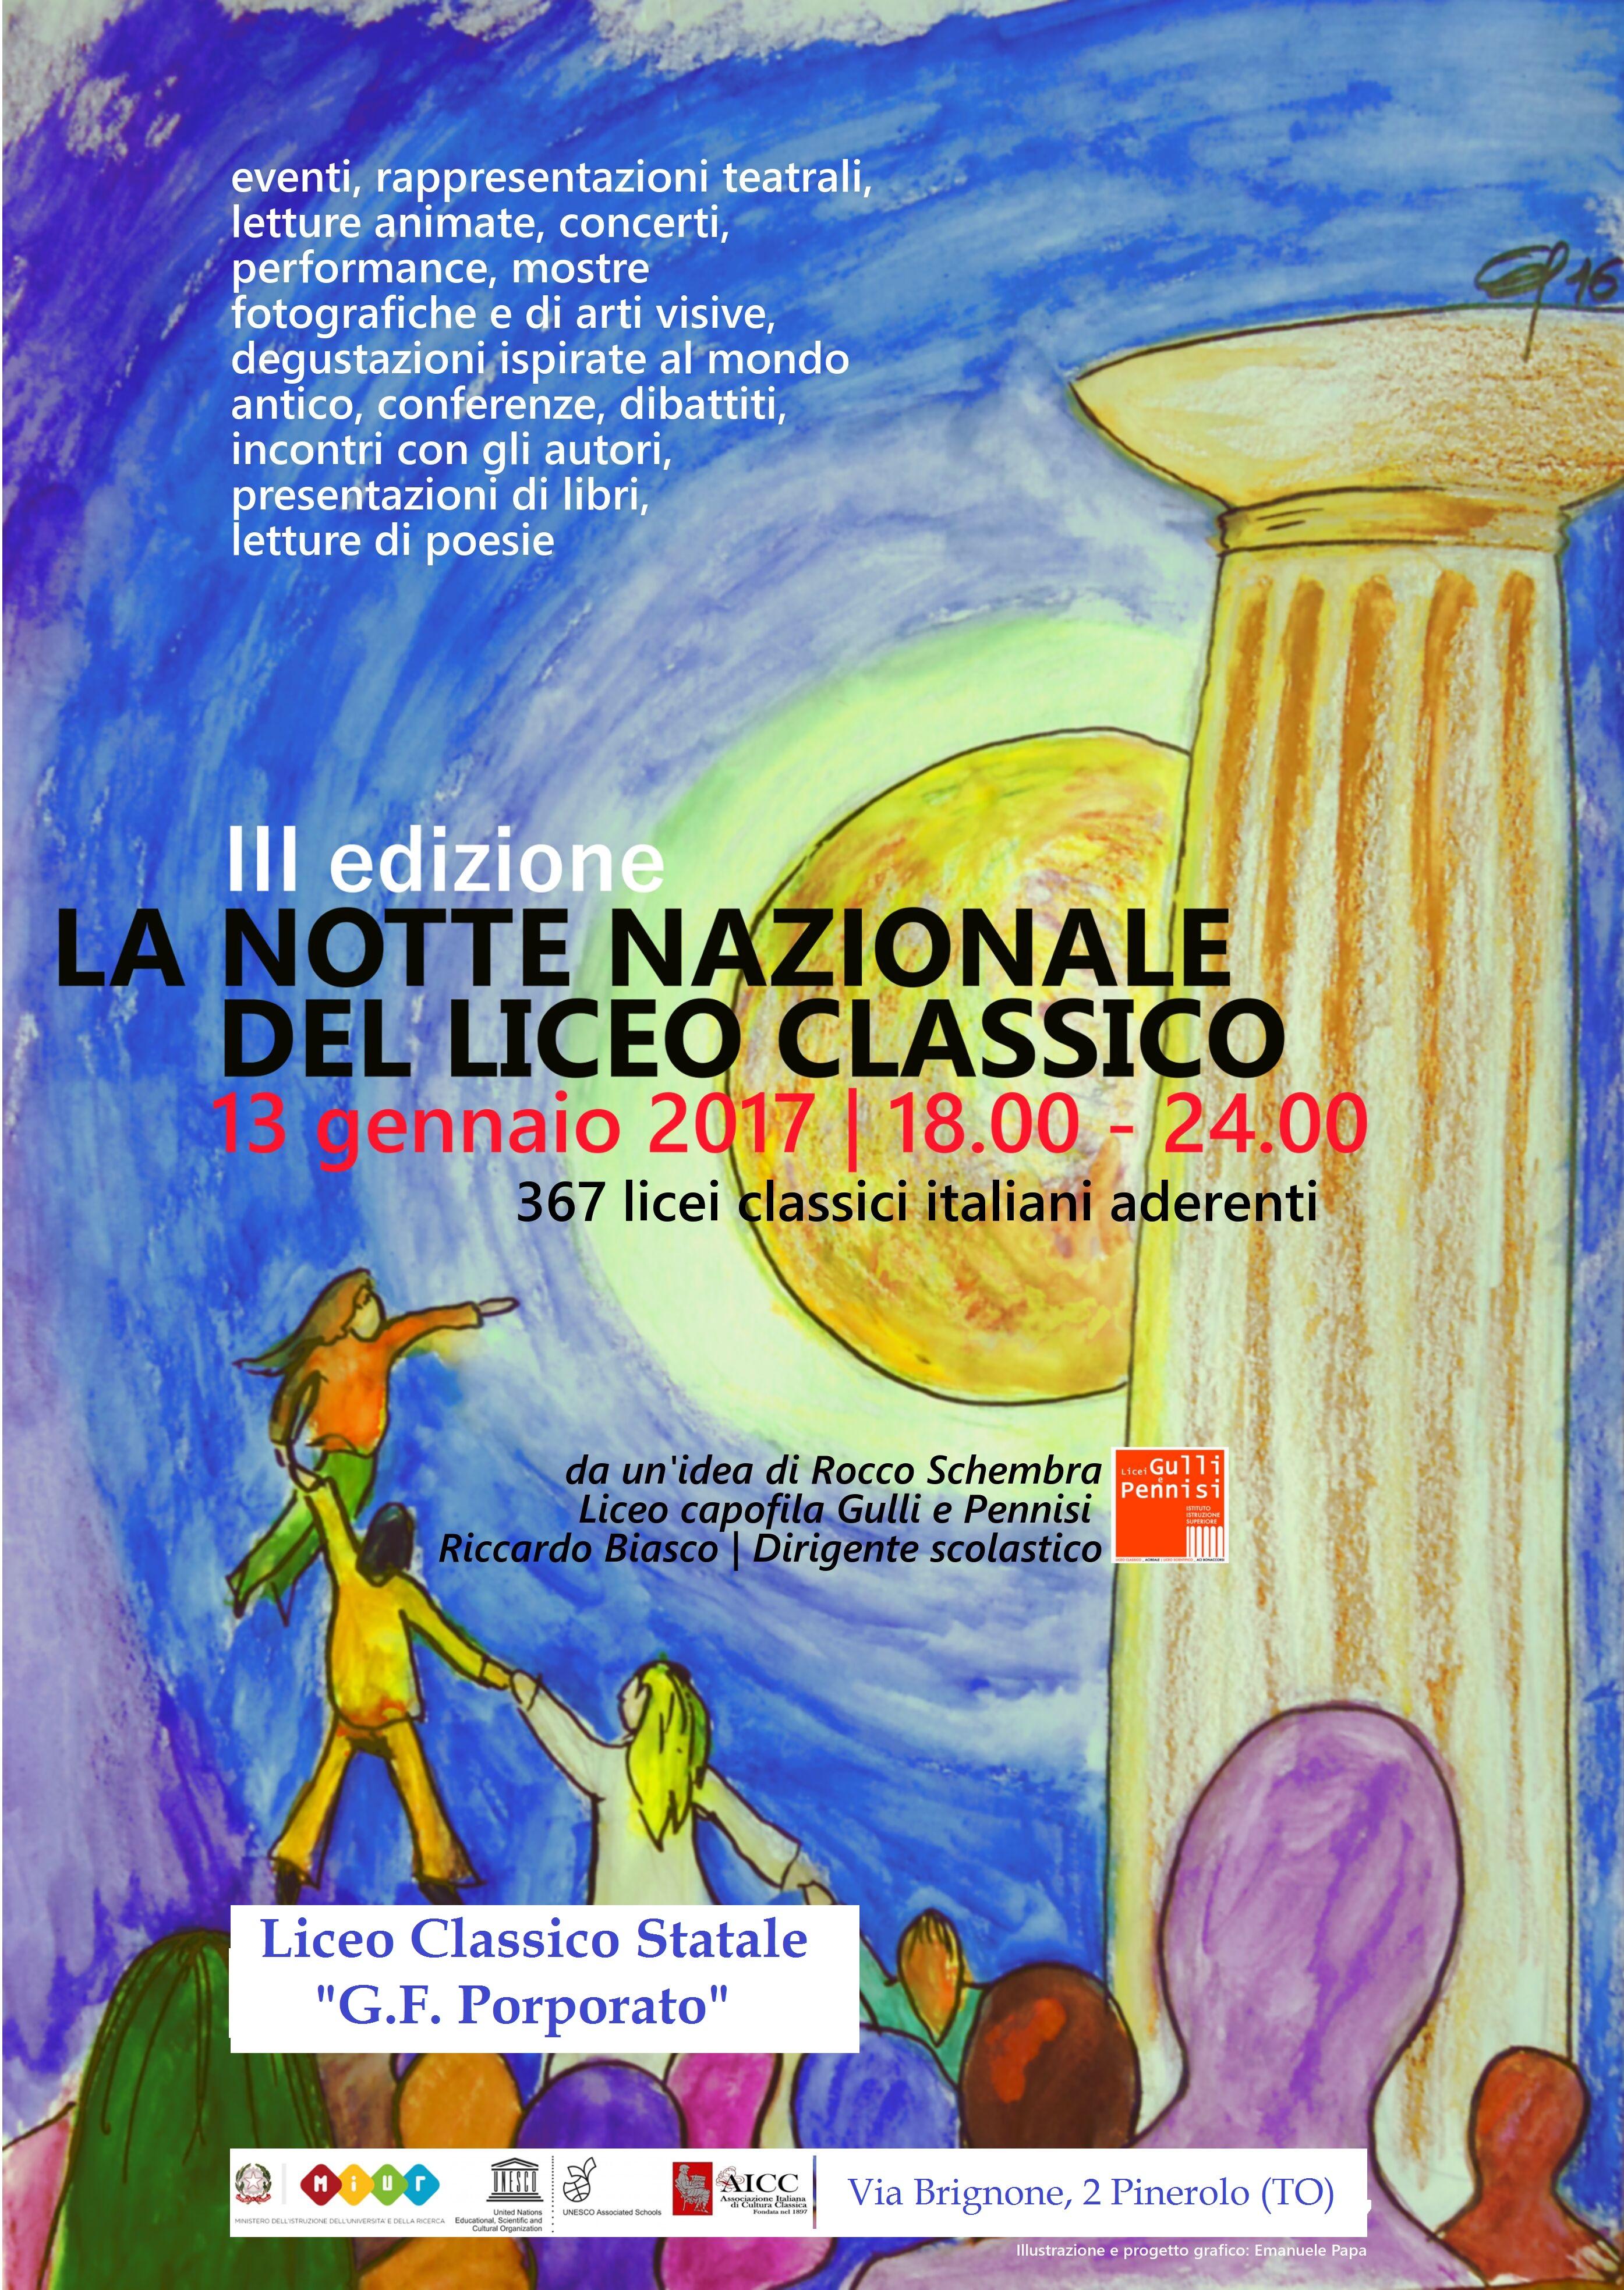 porporato-locandina-notte-nazionale-classico-2017-1